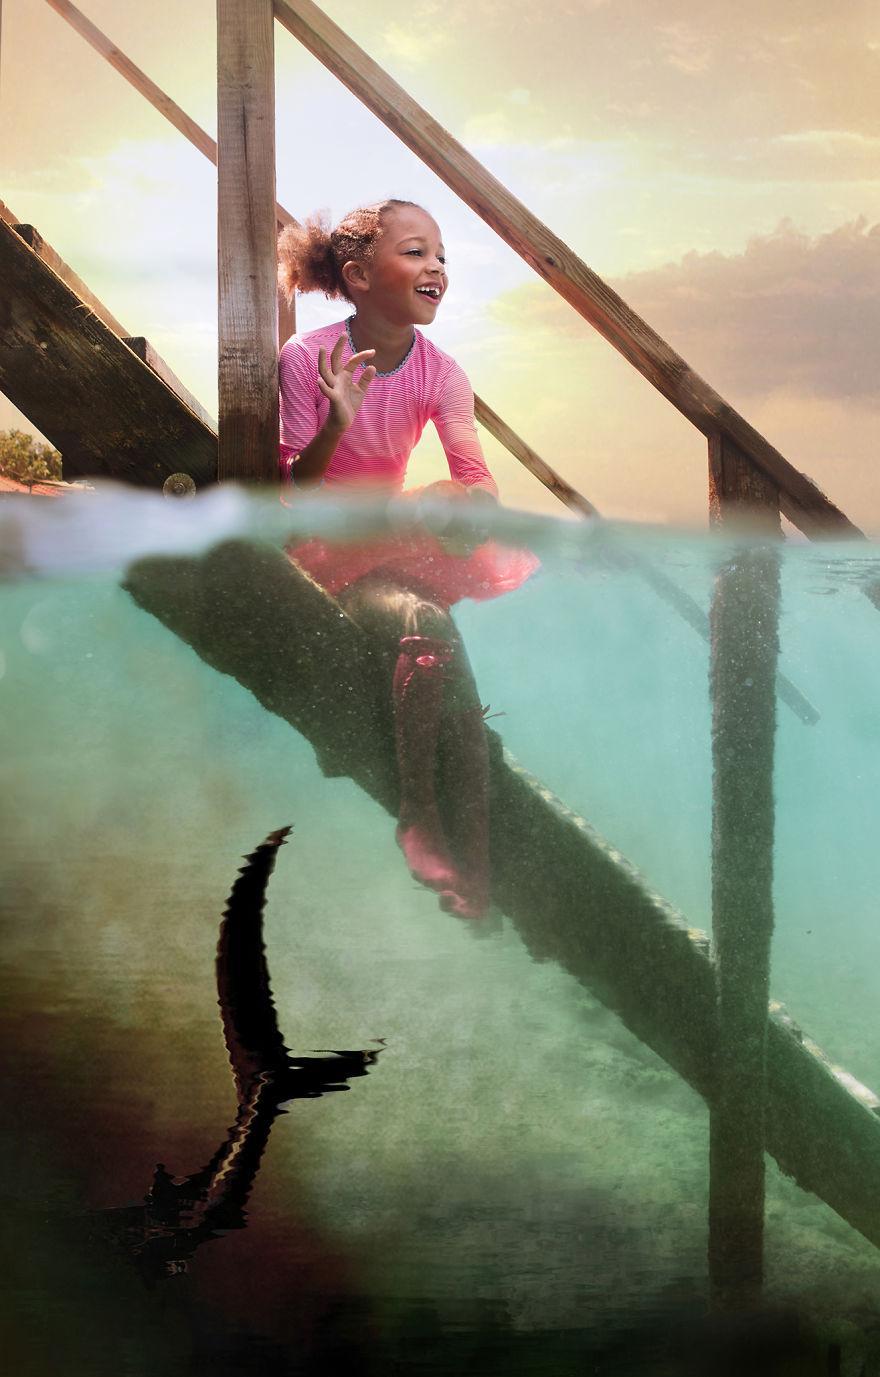 Çocukların Peri Masallarından Fırladığını Düşündürtecek 15 Su Altı Fotoğrafı 59